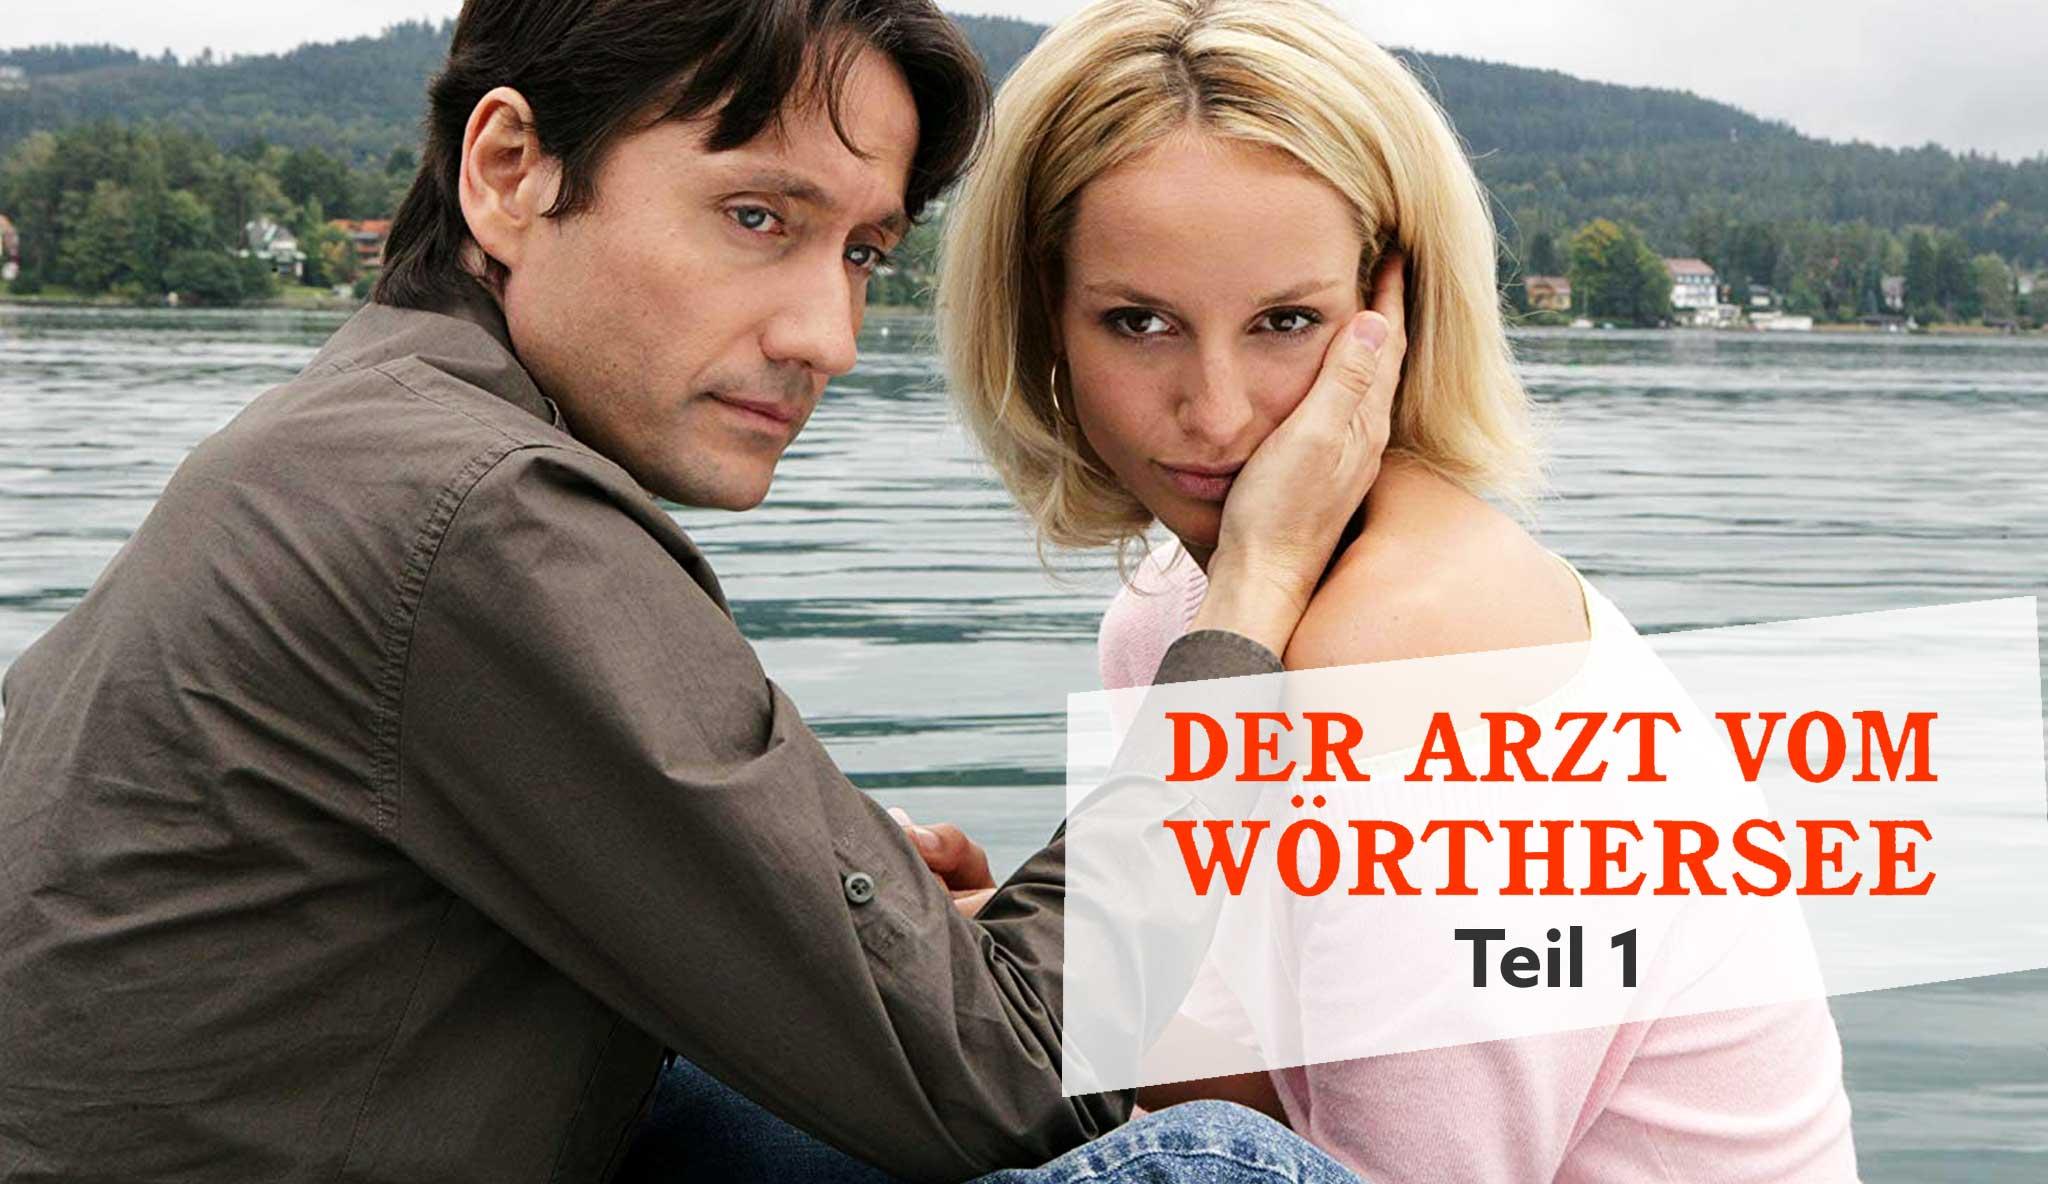 der-arzt-vom-worthersee-teil-1\header.jpg